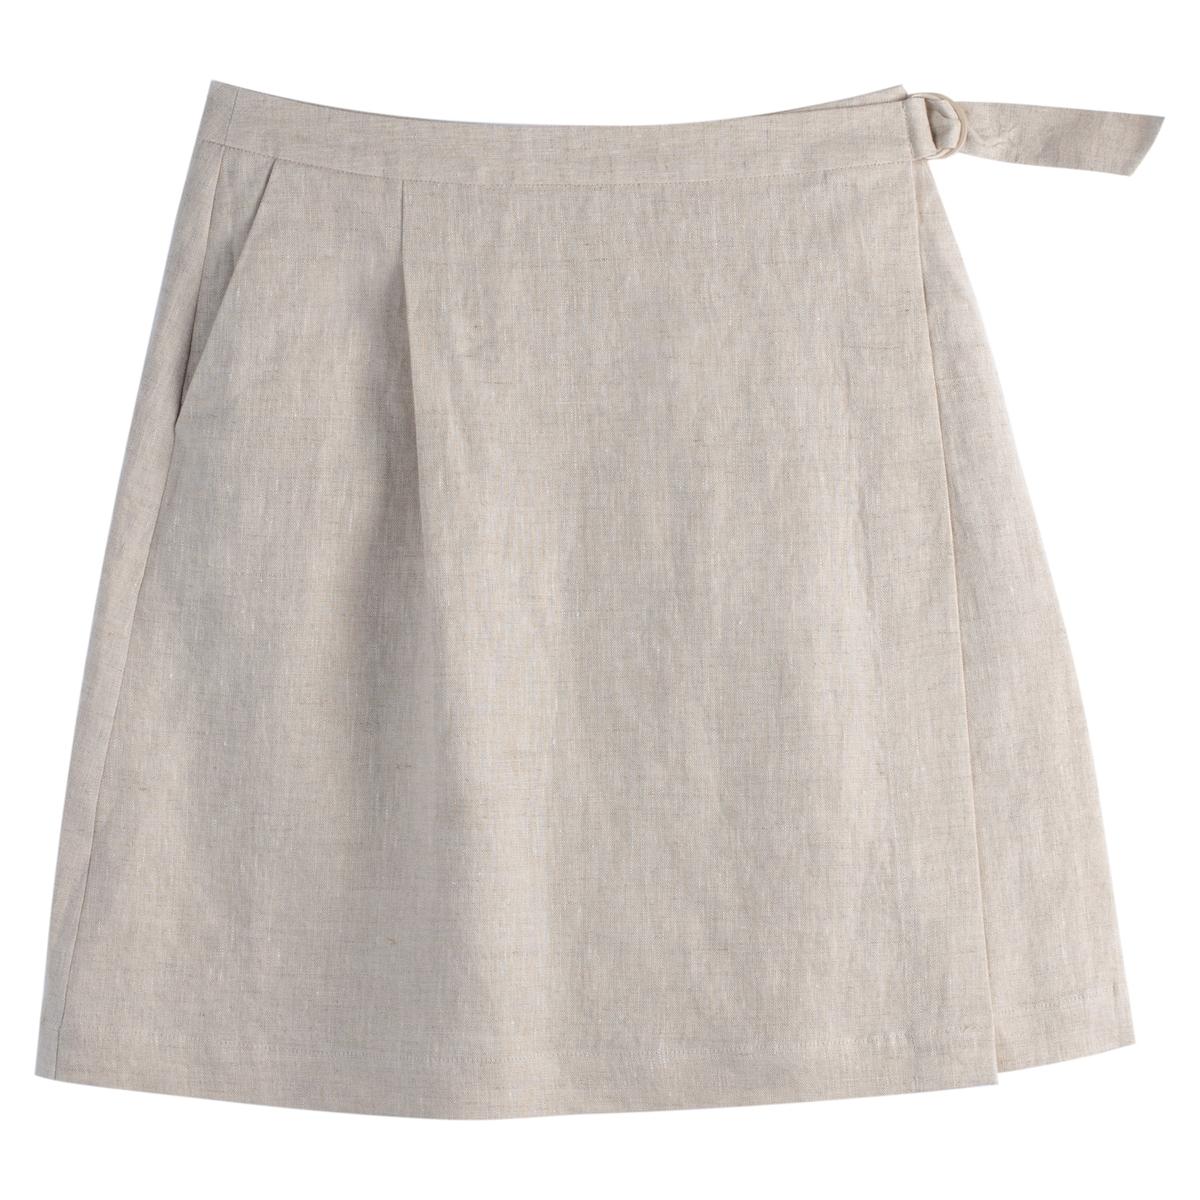 Falda cruzada de lino, 2 bolsillos